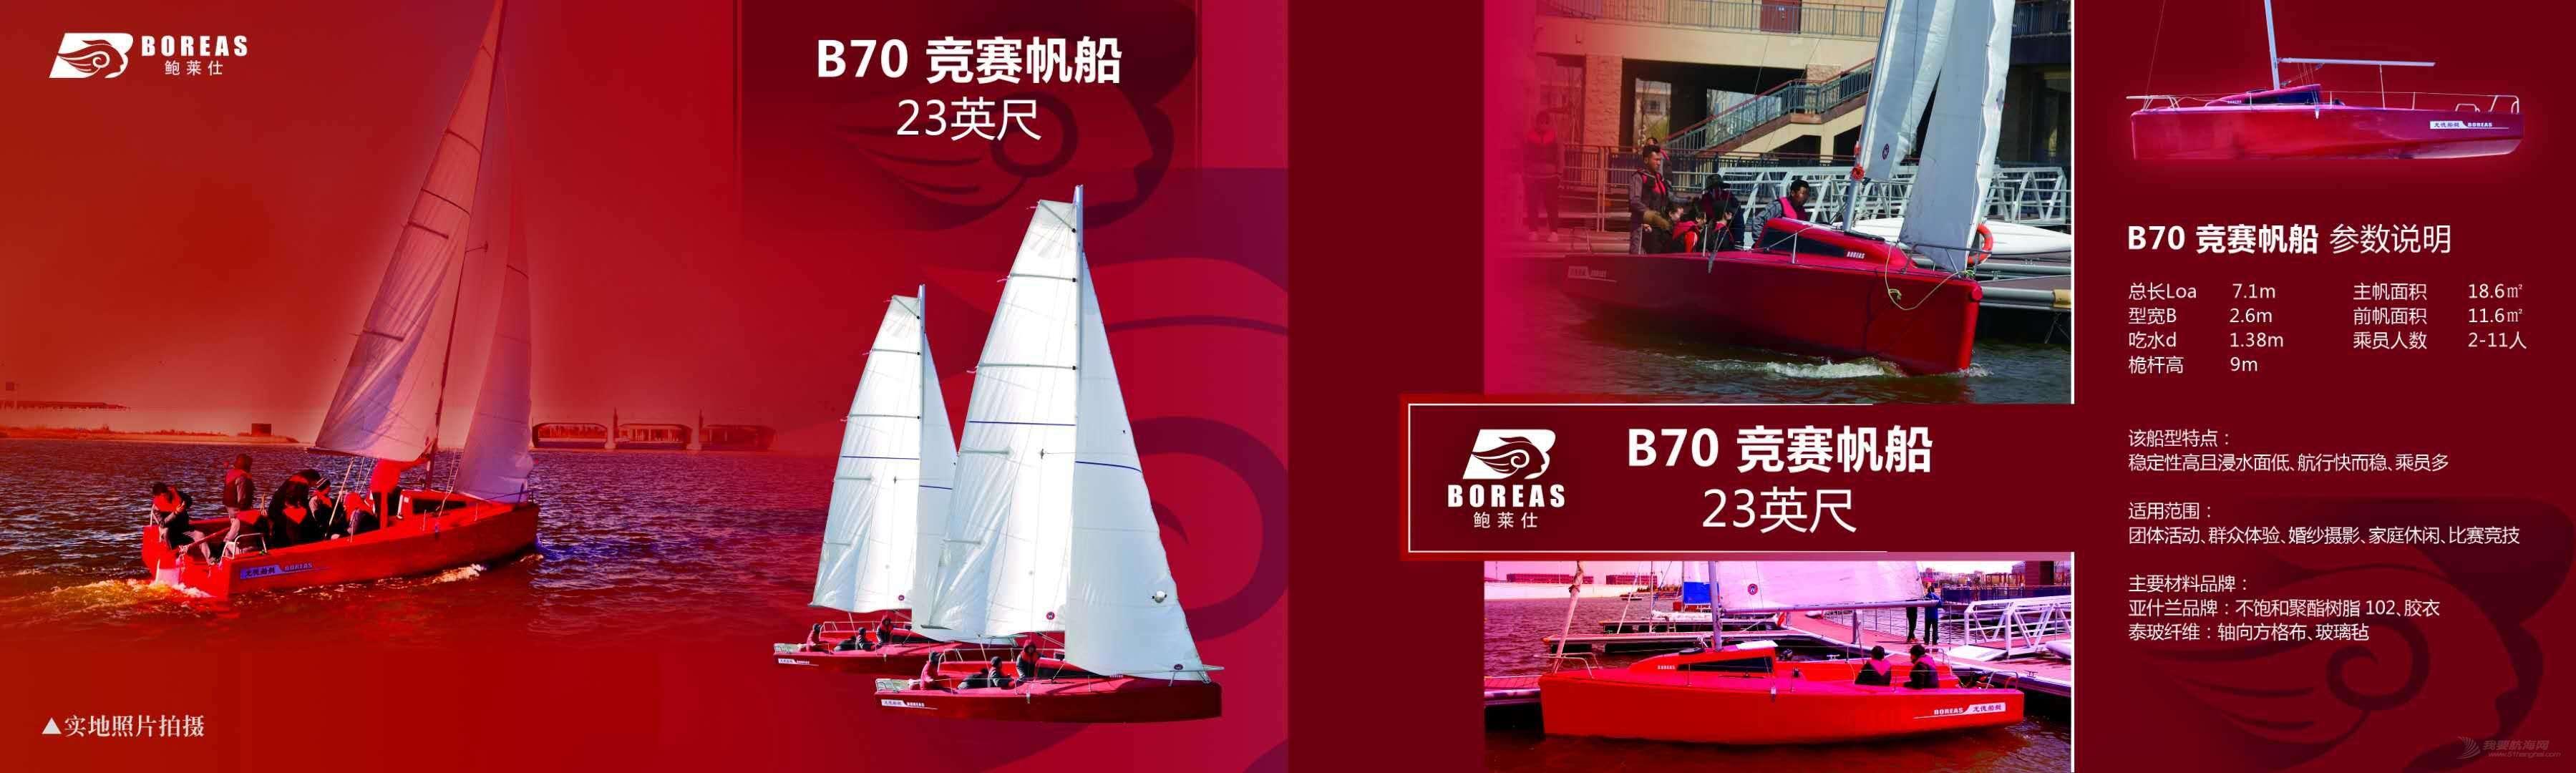 青岛自主品牌帆船赛事首次登陆琴岛通 城市俱乐部帆船赛4月27日十年起航